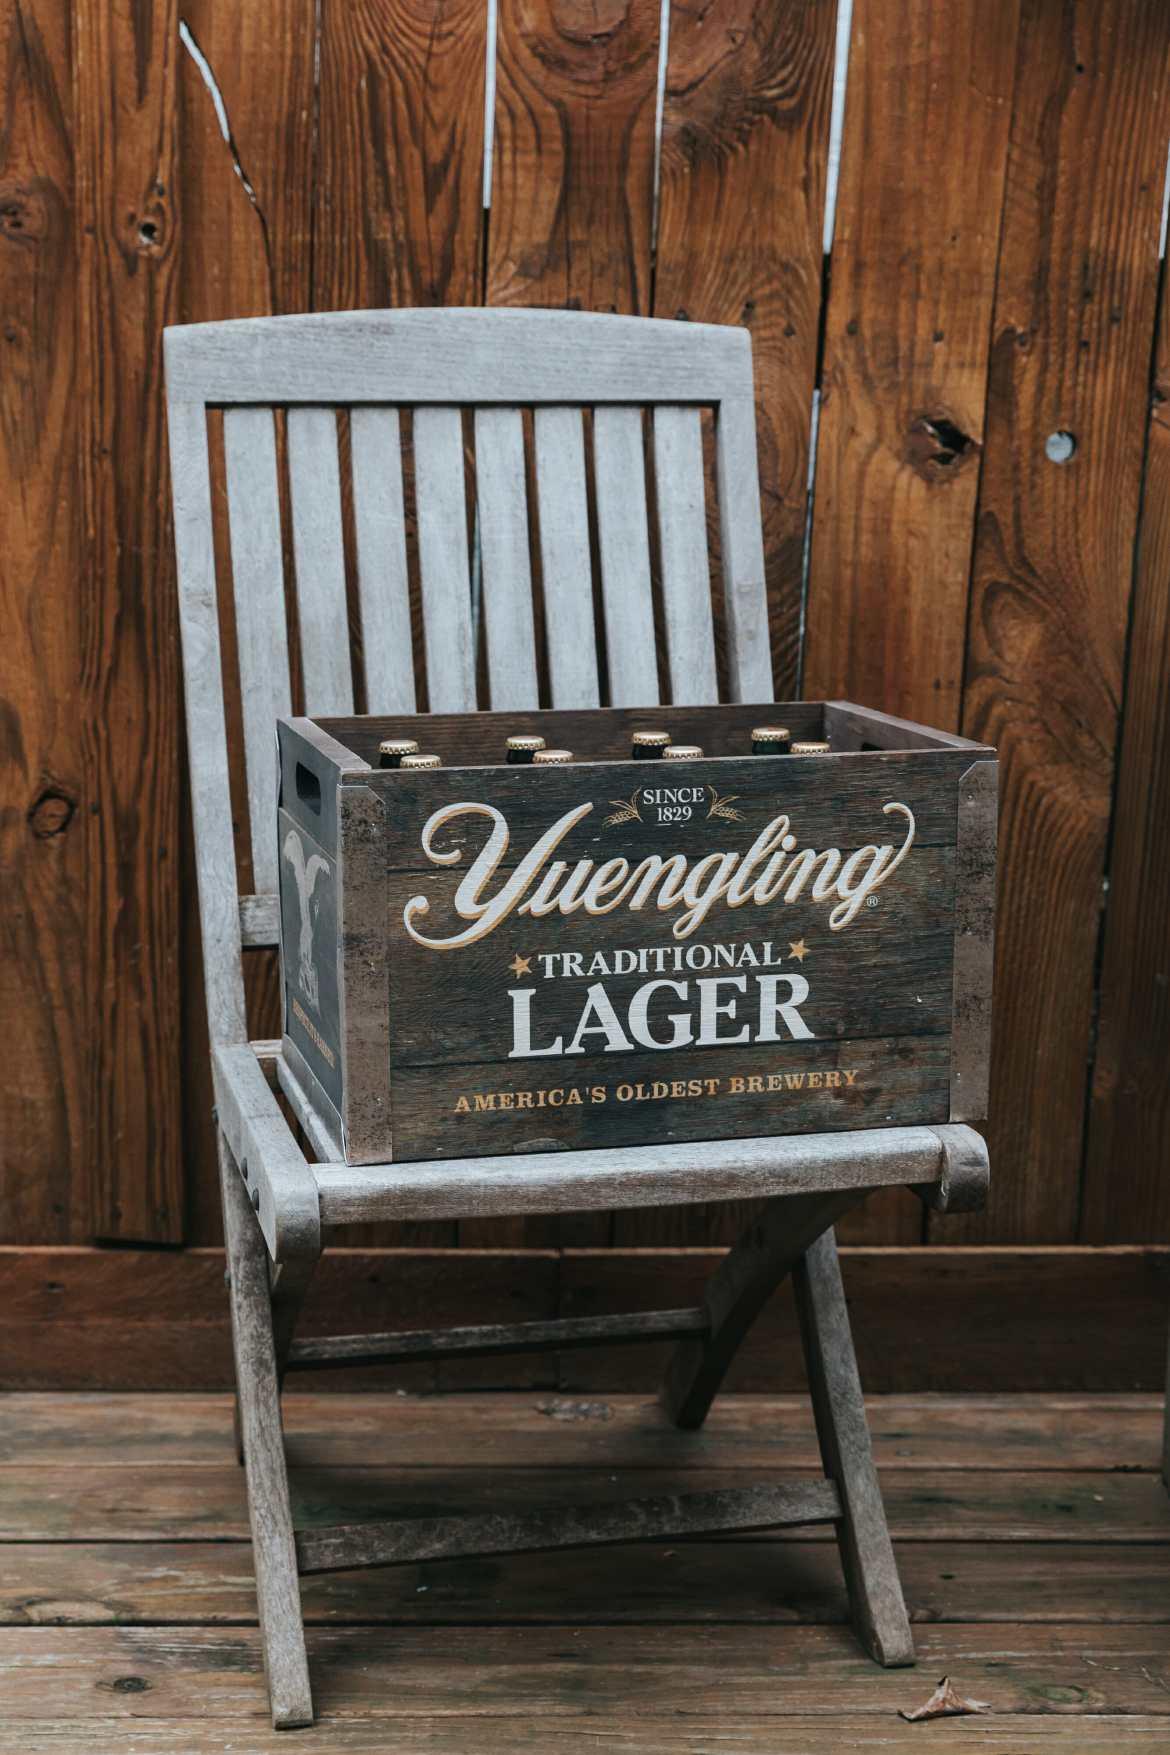 yuengling beer crate